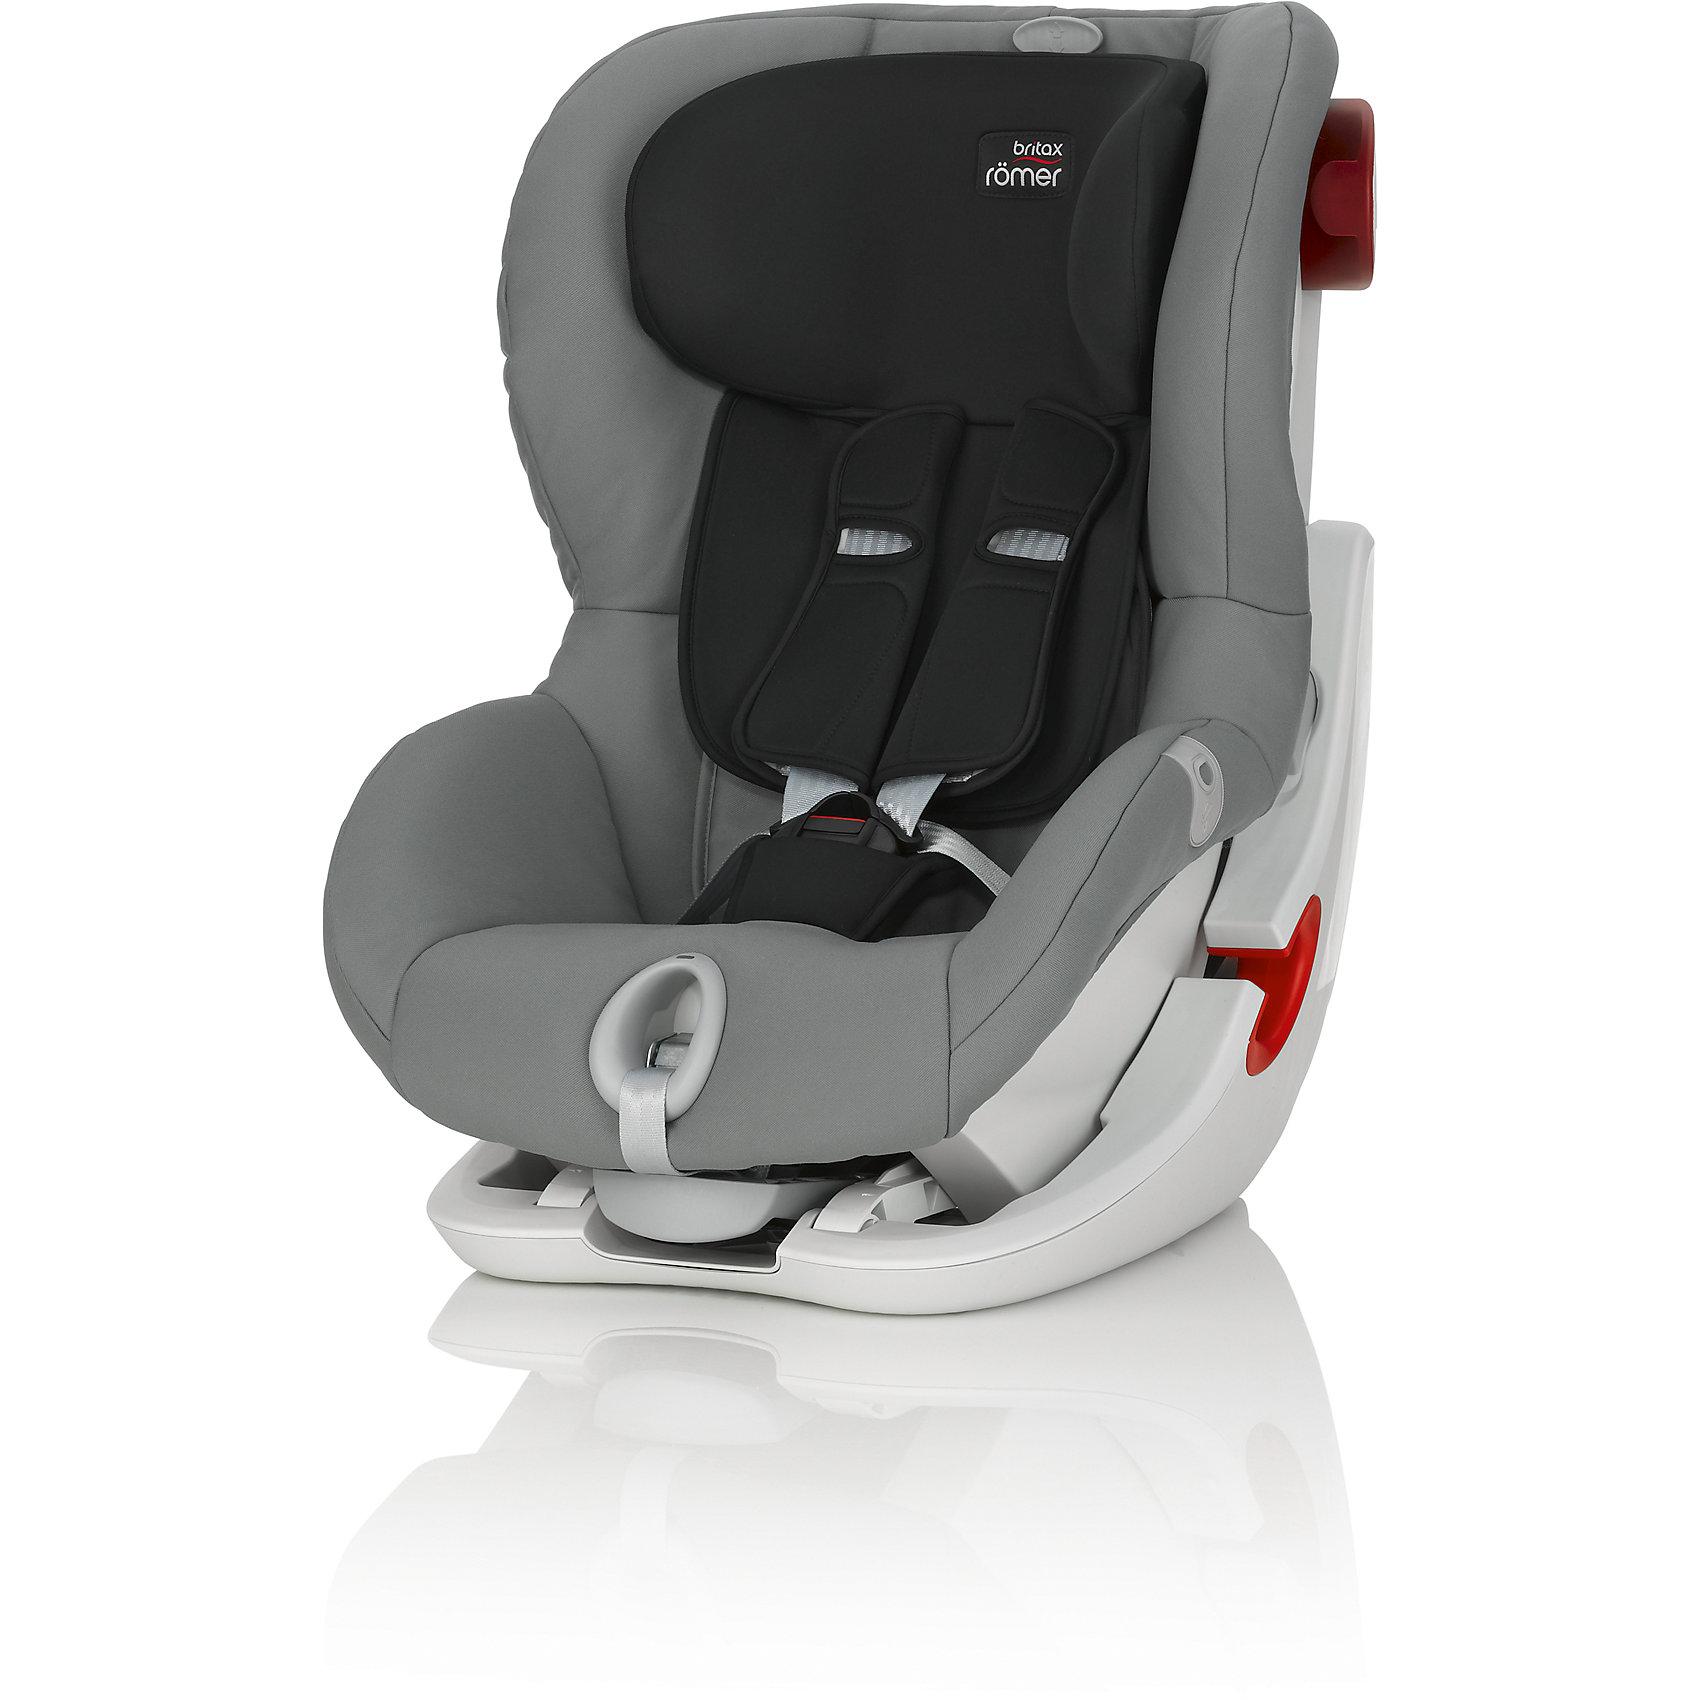 Автокресло Britax Romer KING II LS, 9-18 кг, Steel Grey TrendlineГруппа 1 (От 9 до 18 кг)<br>Автокресло King II LS оснащено уникальной системой световой индикации натяжения ремня безопасности и складывающимся вперед сиденьем для удобства установки. <br>- Установка в автомобиле с помощью штатного ремня безопасности<br>- Индикатор определяет уровень натяжения внутреннего ремня автокресла<br>- 5-точечные ремни безопасности, регулируемые одной рукой<br>- Угол наклона регулируется в 4-х положениях<br>- Система наклона кресла вперед обеспечивает улучшенный доступ и обзор при установке кресла в салоне автомобиля<br>- Глубокие мягкие боковины обеспечивают оптимальную защиту при боковых столкновениях<br>- Мягкие плечевые накладки на ремни для максимального комфорта<br>- Съемный моющийся чехол<br>- Батарейки включены в комплект поставки<br>- Размеры (Д / Ш / В): 54 х 45 х 67 см<br>- Размеры спинки сиденья (Д / Ш): 30 х 34 см<br>- Длина спинки: 55 см<br>- Вес: 10.3 кг<br><br>Автокресло KING II LS, 9-18 кг., BRITAX ROMER (Бритакс Ремер), Steel Grey Trendline можно купить в нашем магазине.<br><br>Ширина мм: 540<br>Глубина мм: 450<br>Высота мм: 680<br>Вес г: 10500<br>Цвет: черно-серый<br>Возраст от месяцев: 9<br>Возраст до месяцев: 48<br>Пол: Унисекс<br>Возраст: Детский<br>SKU: 4576179